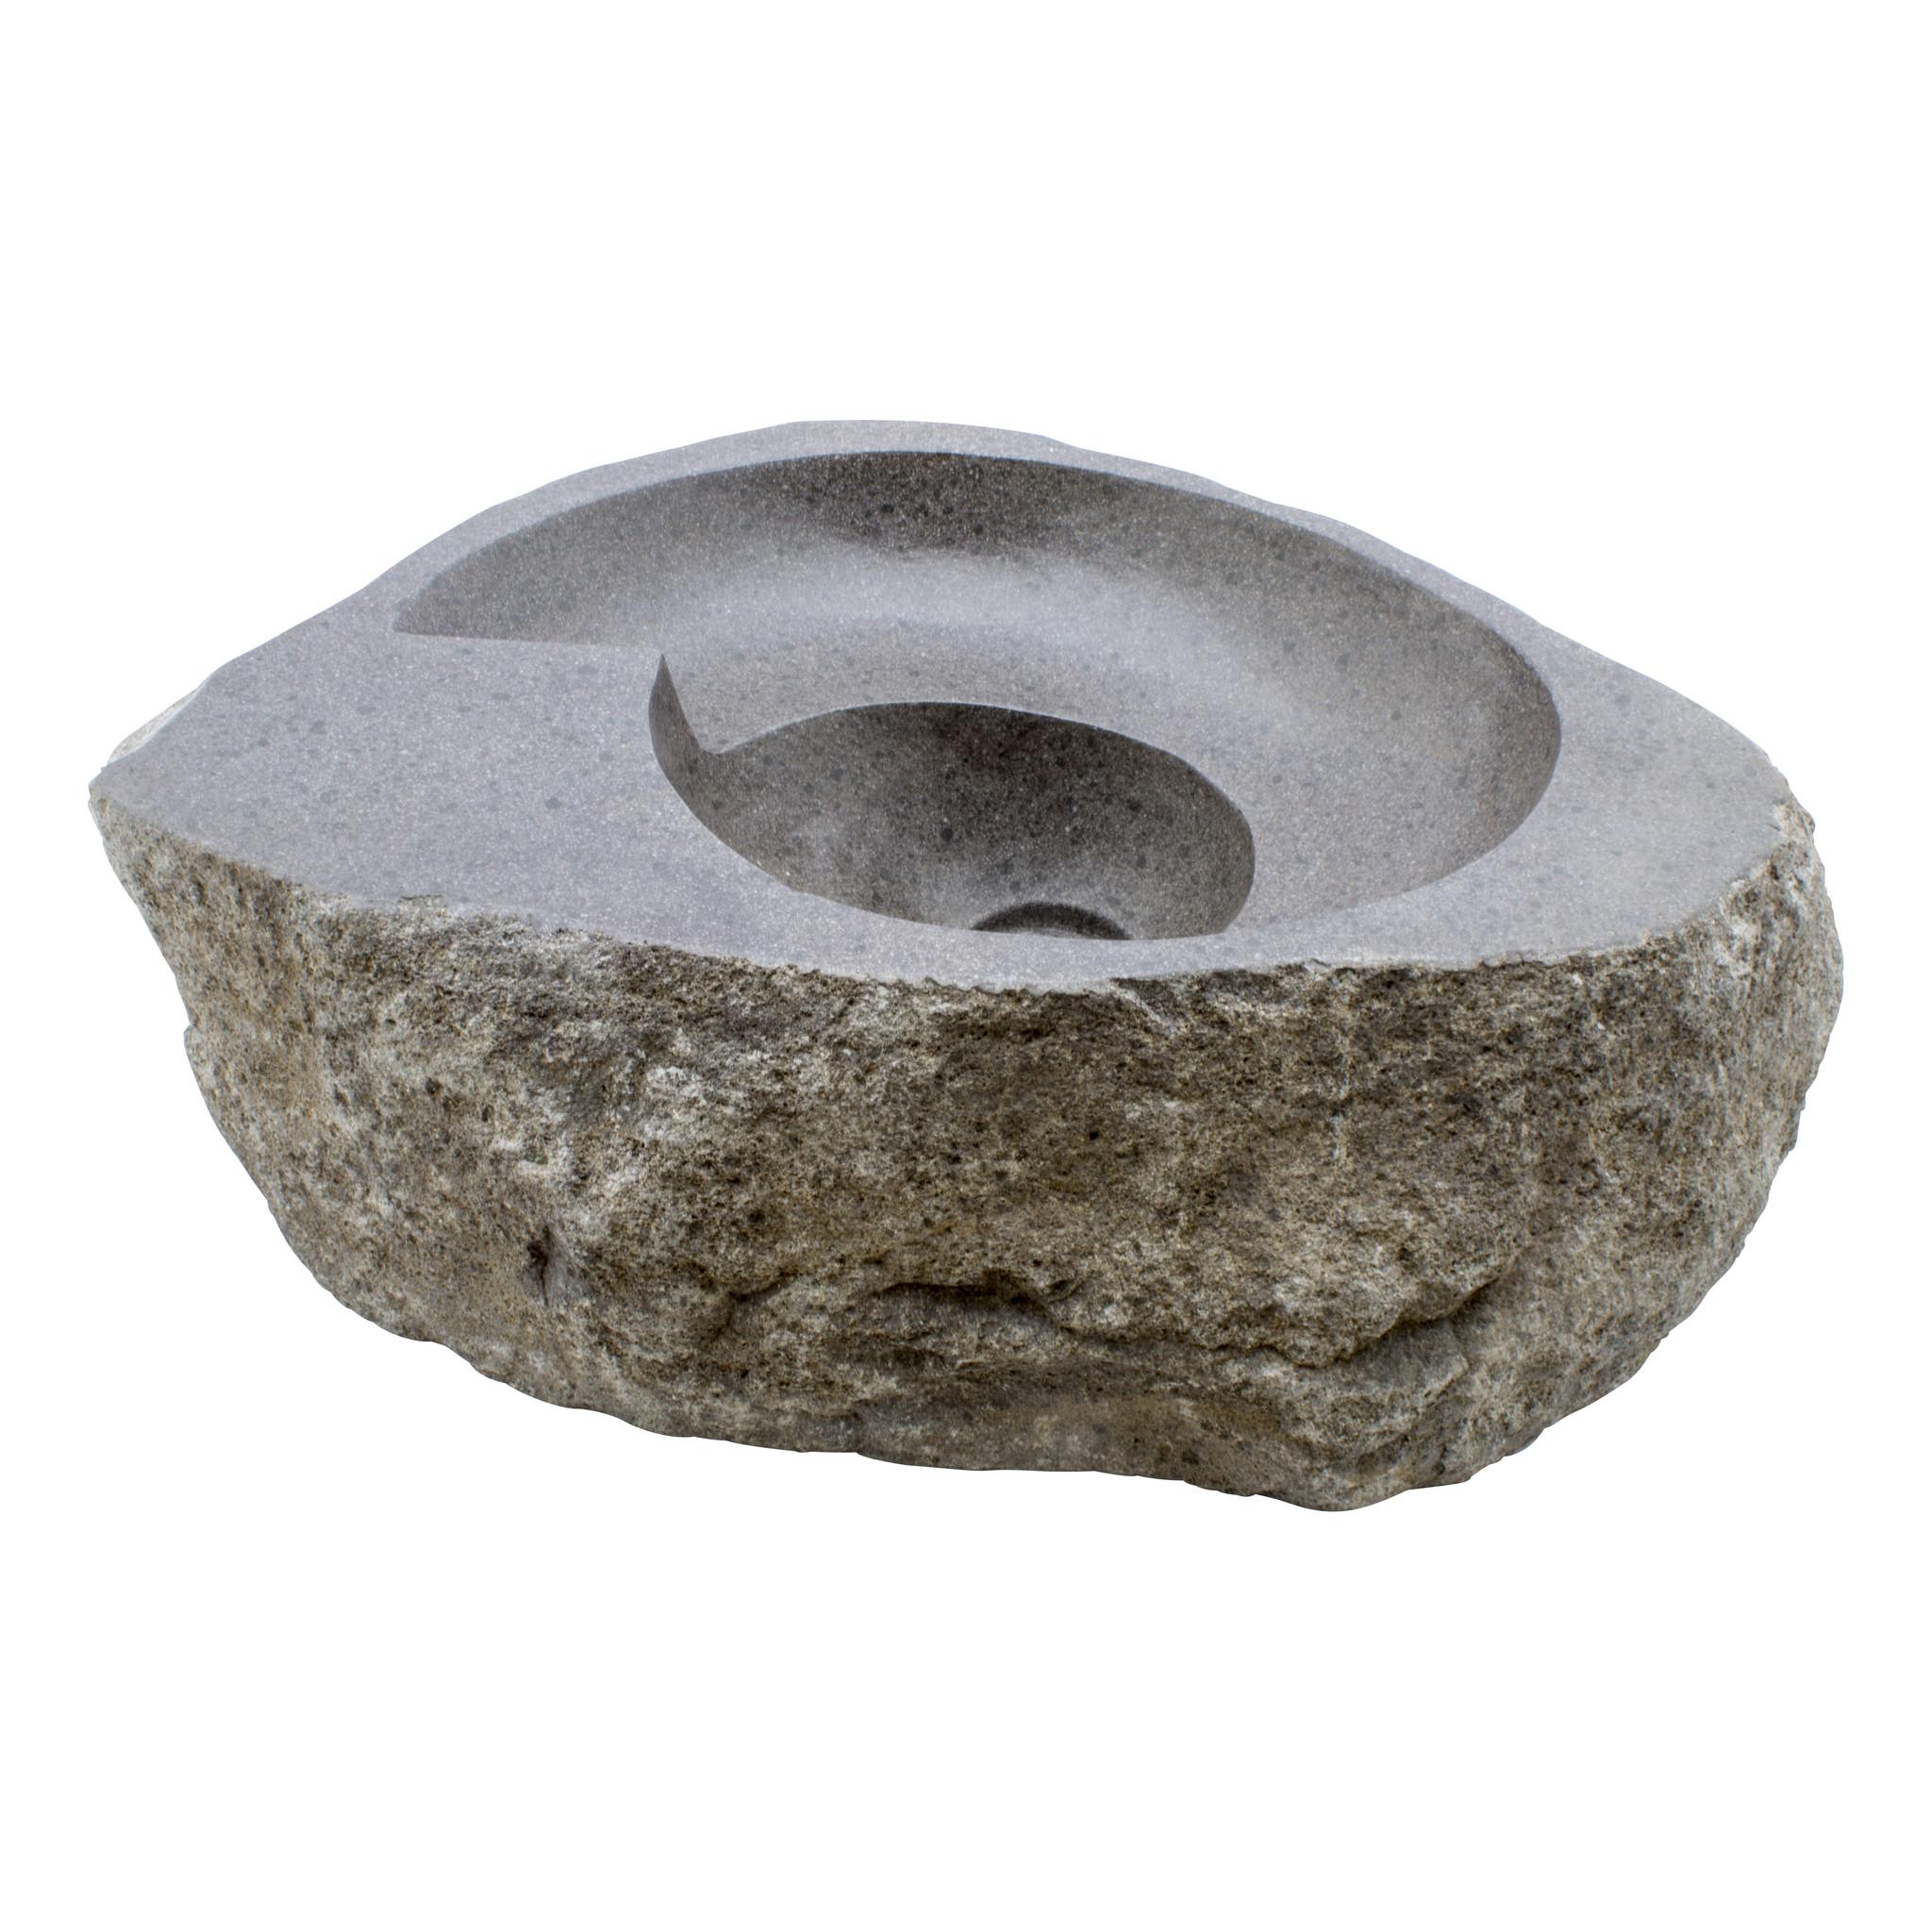 Indomarmer Waschbecken aus Flussstein Spirale 56x41x15cm